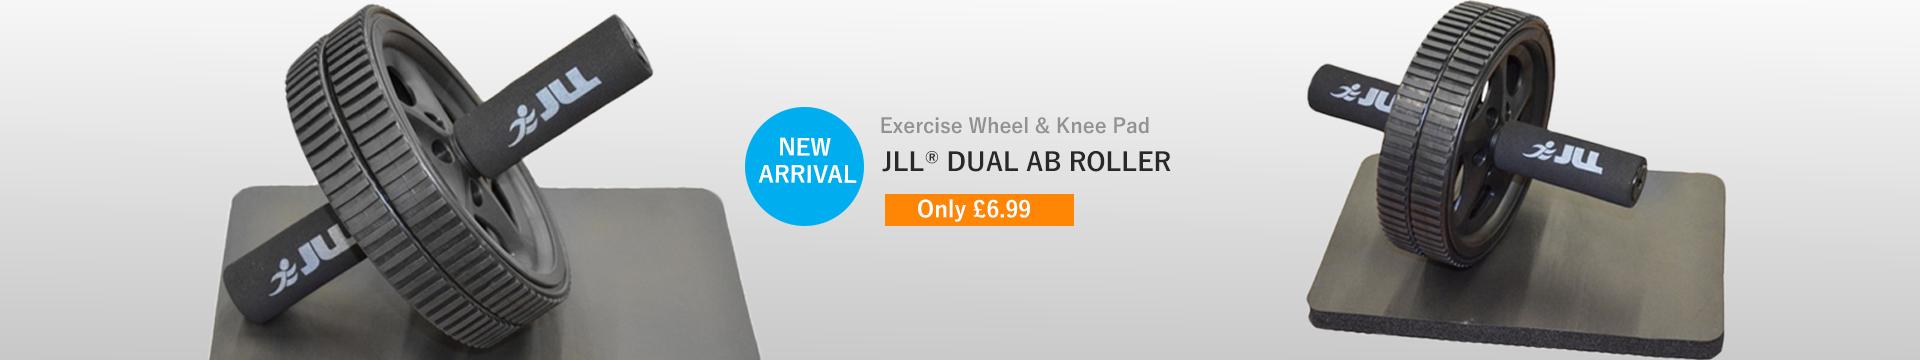 Dual Ab Roller